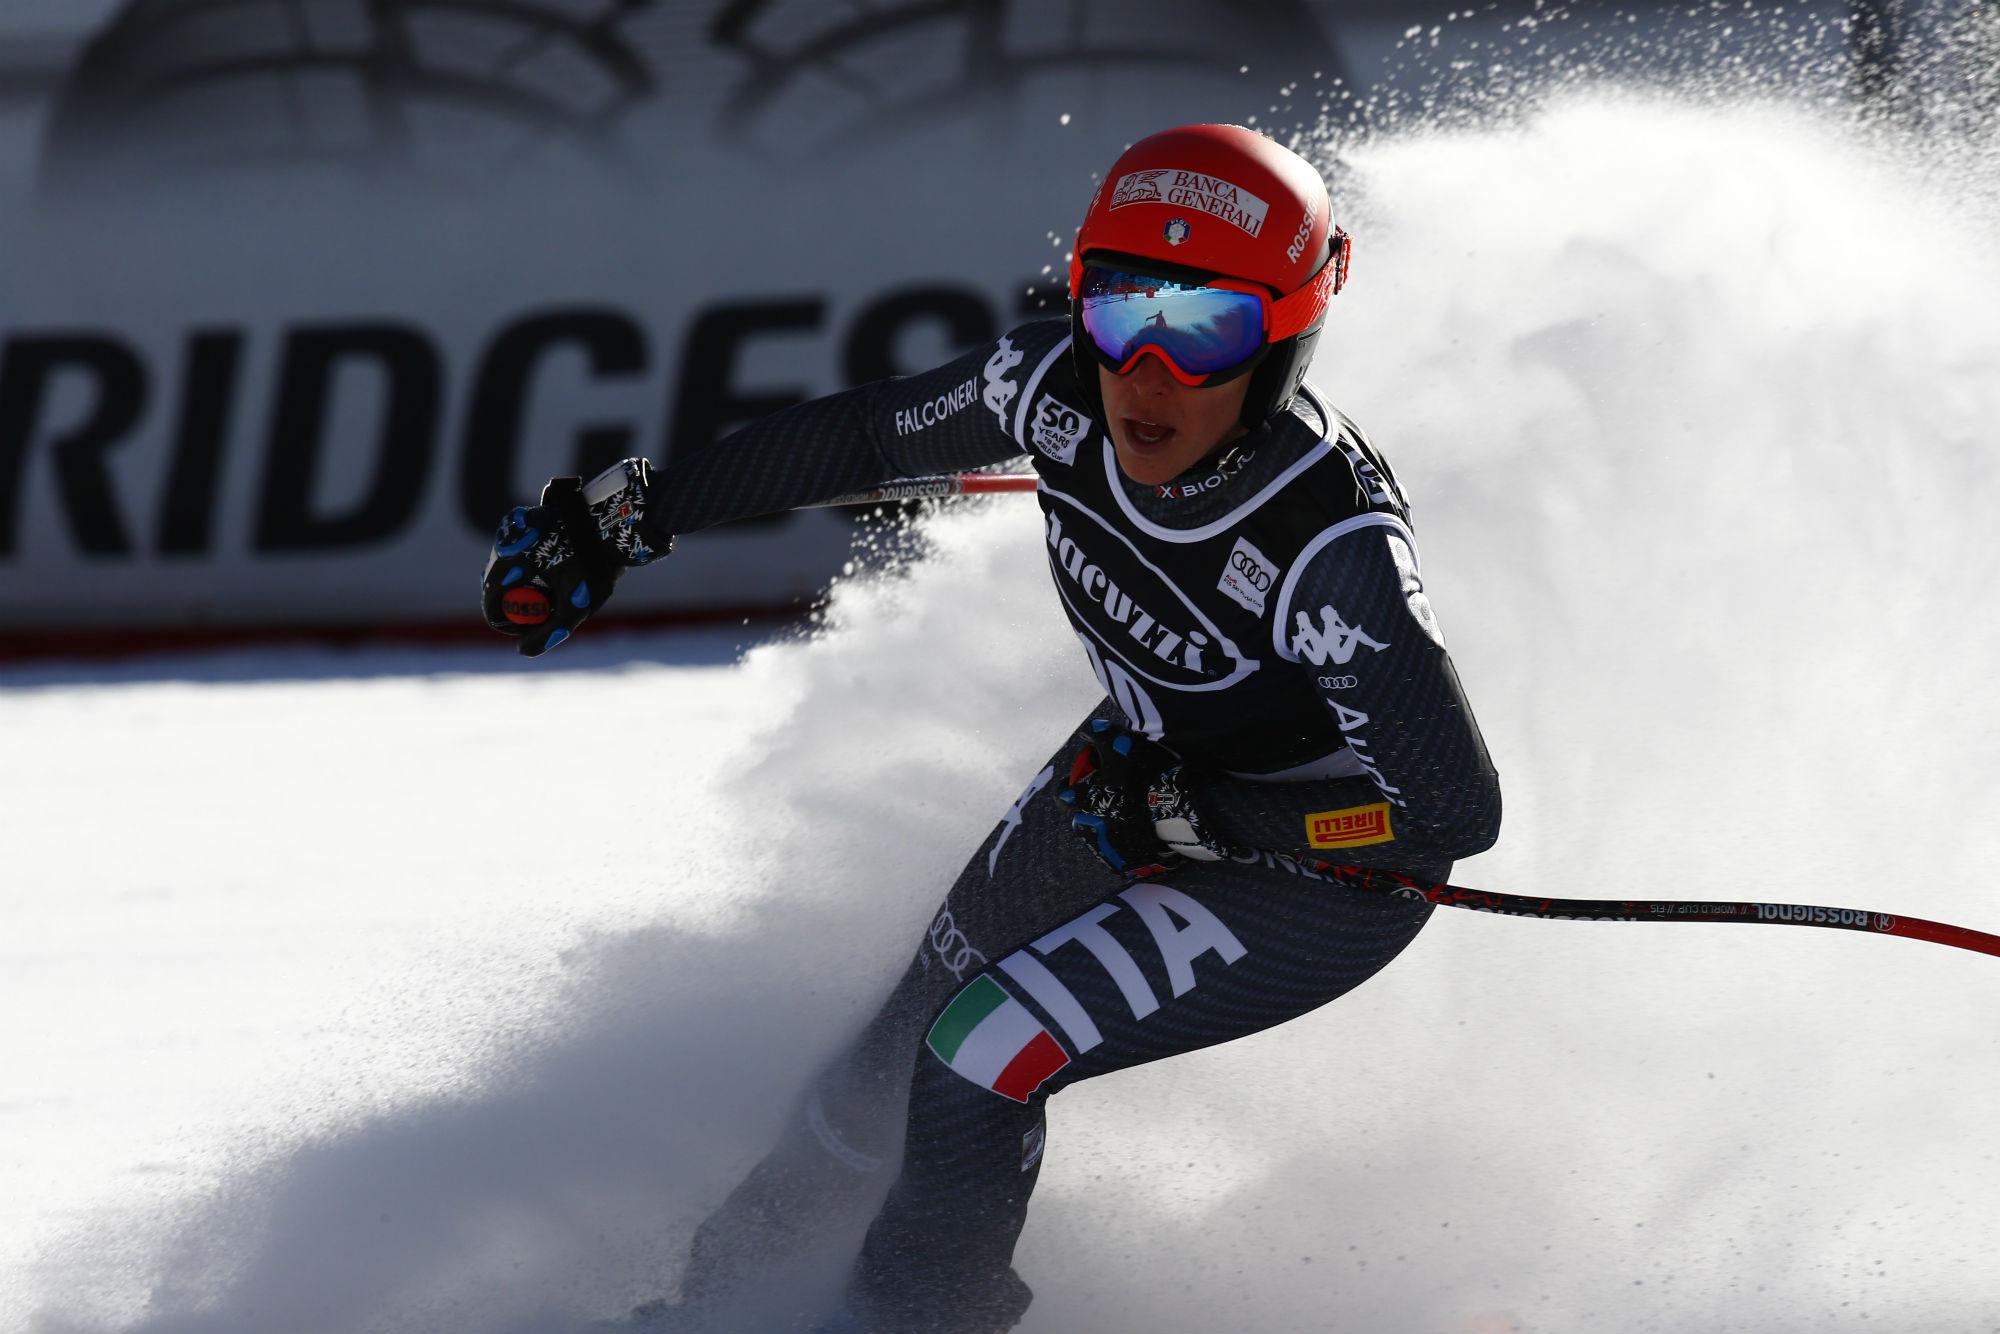 Federica Brignone all'arrivo della discesa in Val d'Isere (@Zoom agence)